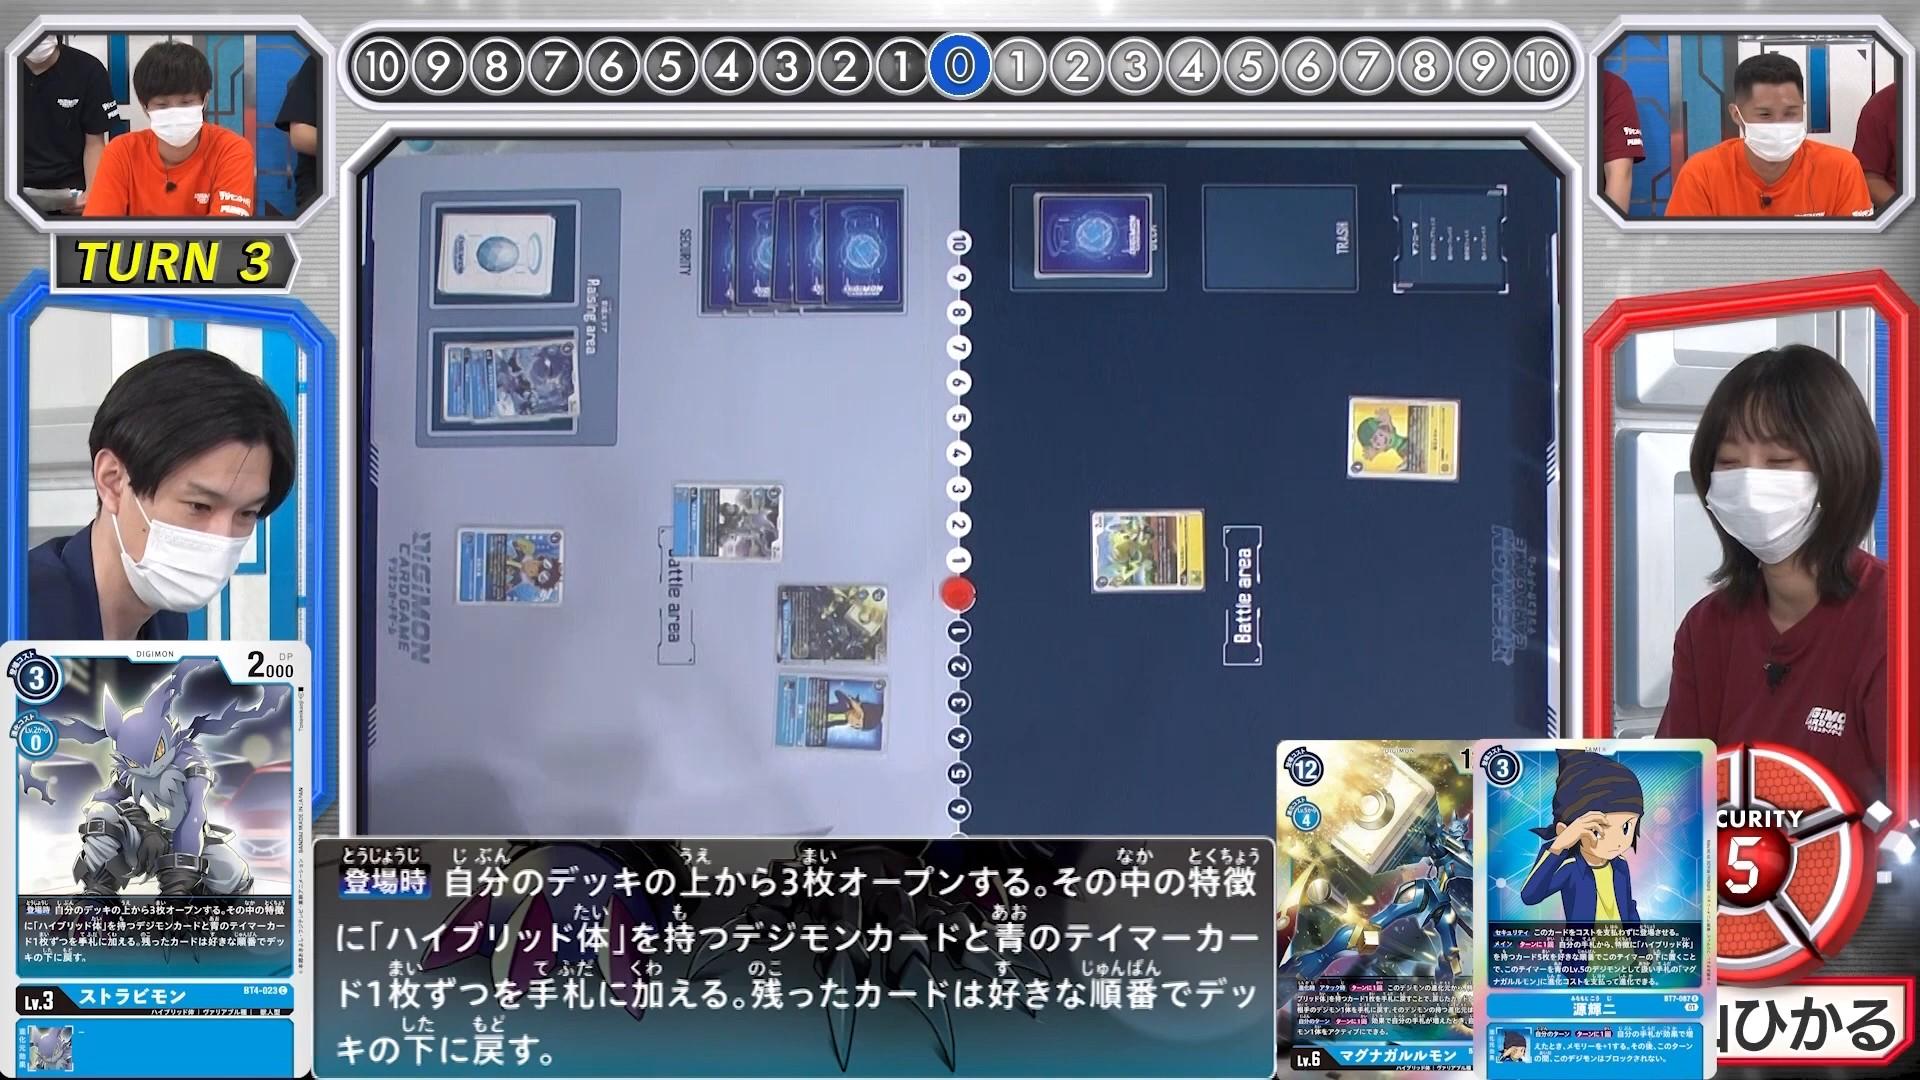 digimoncardbattle_v2_47_07_september23_2021.jpg